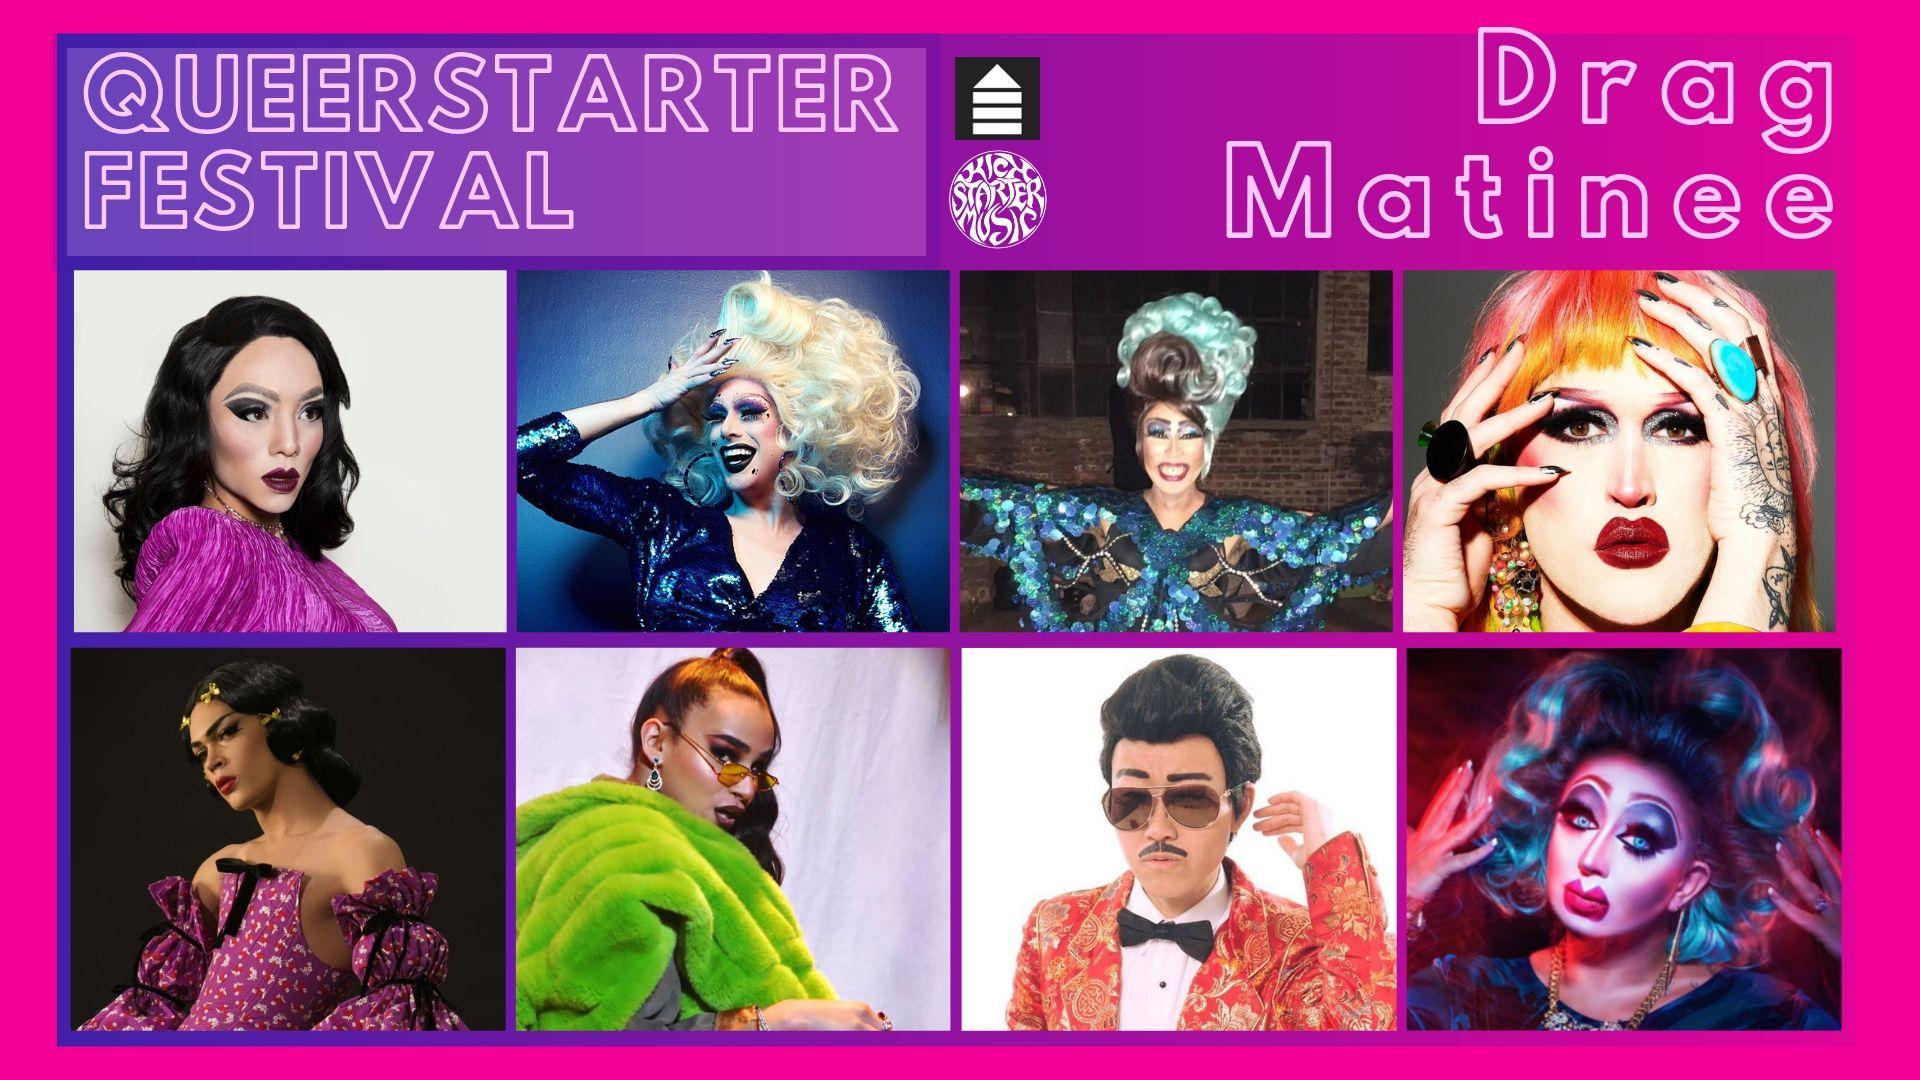 queerstarter festival